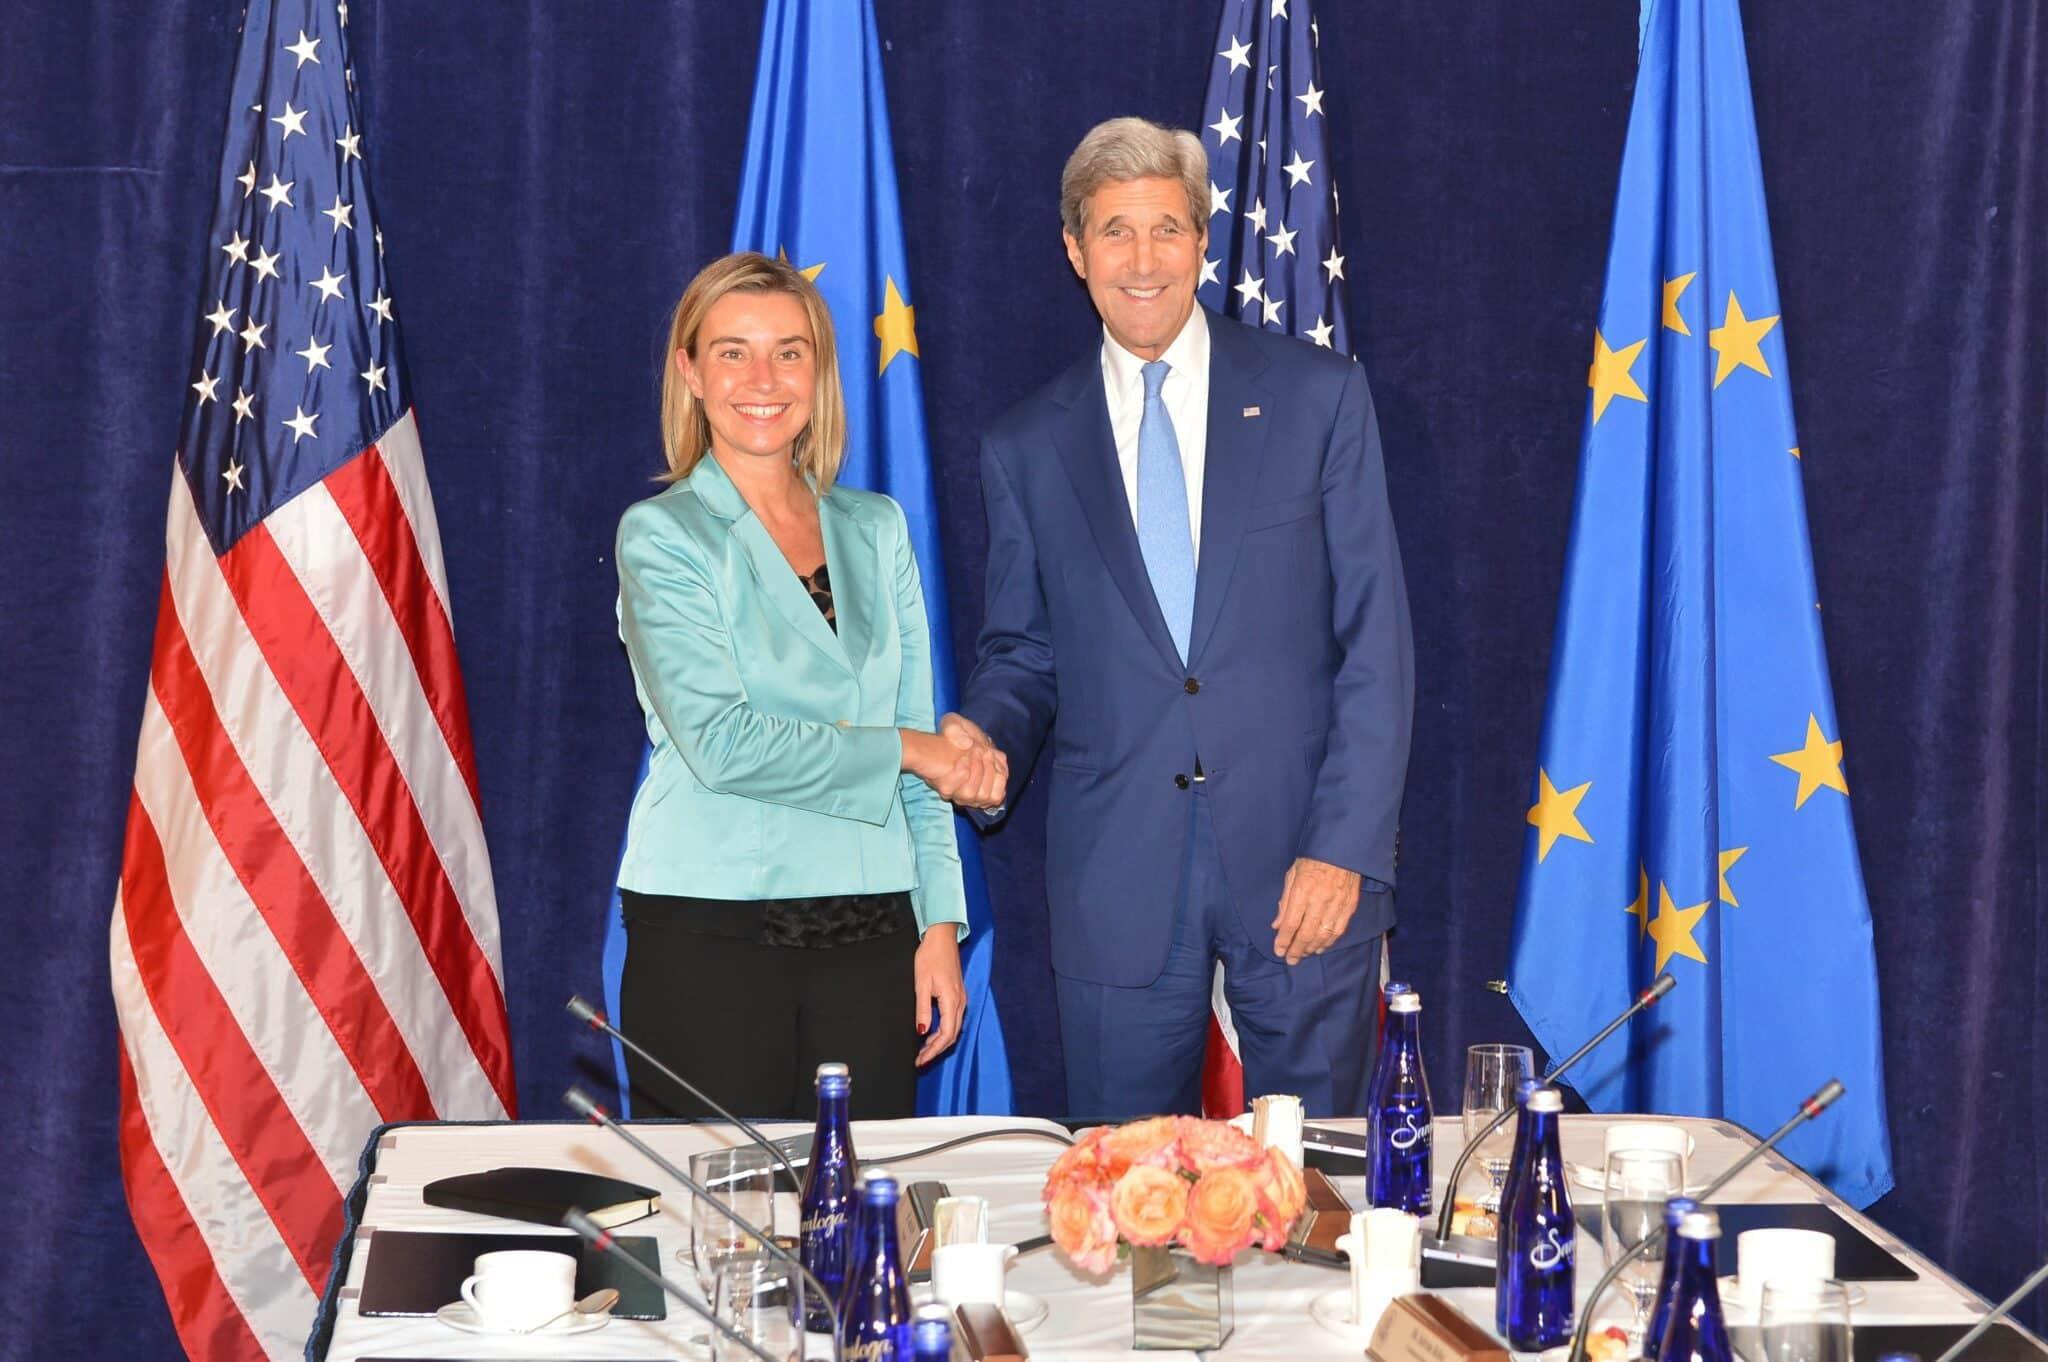 Qu'ont adopté l'Union Européenne et les Etats Unis jeudi 1er décembre ?